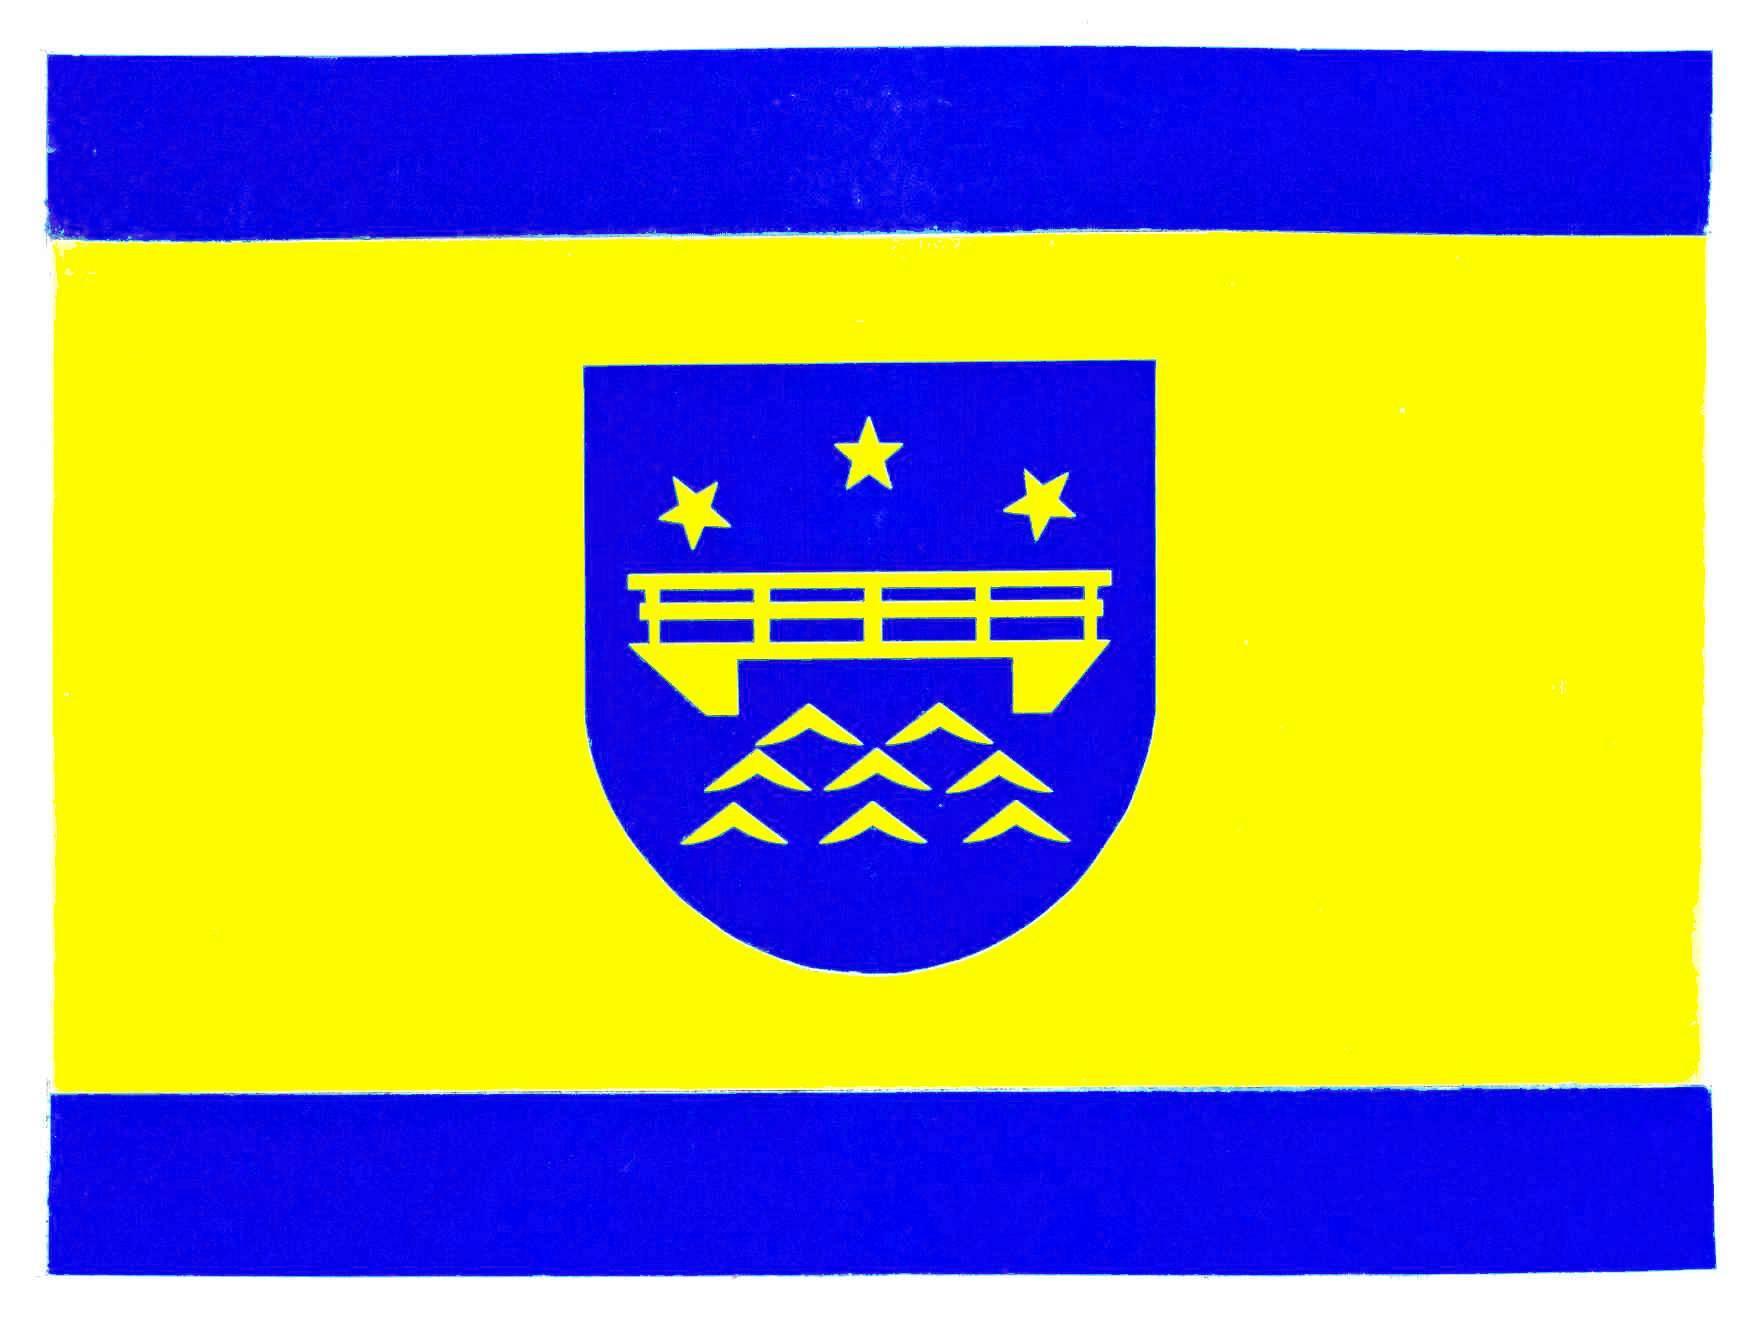 Flagge GemeindeHörup, Kreis Schleswig-Flensburg